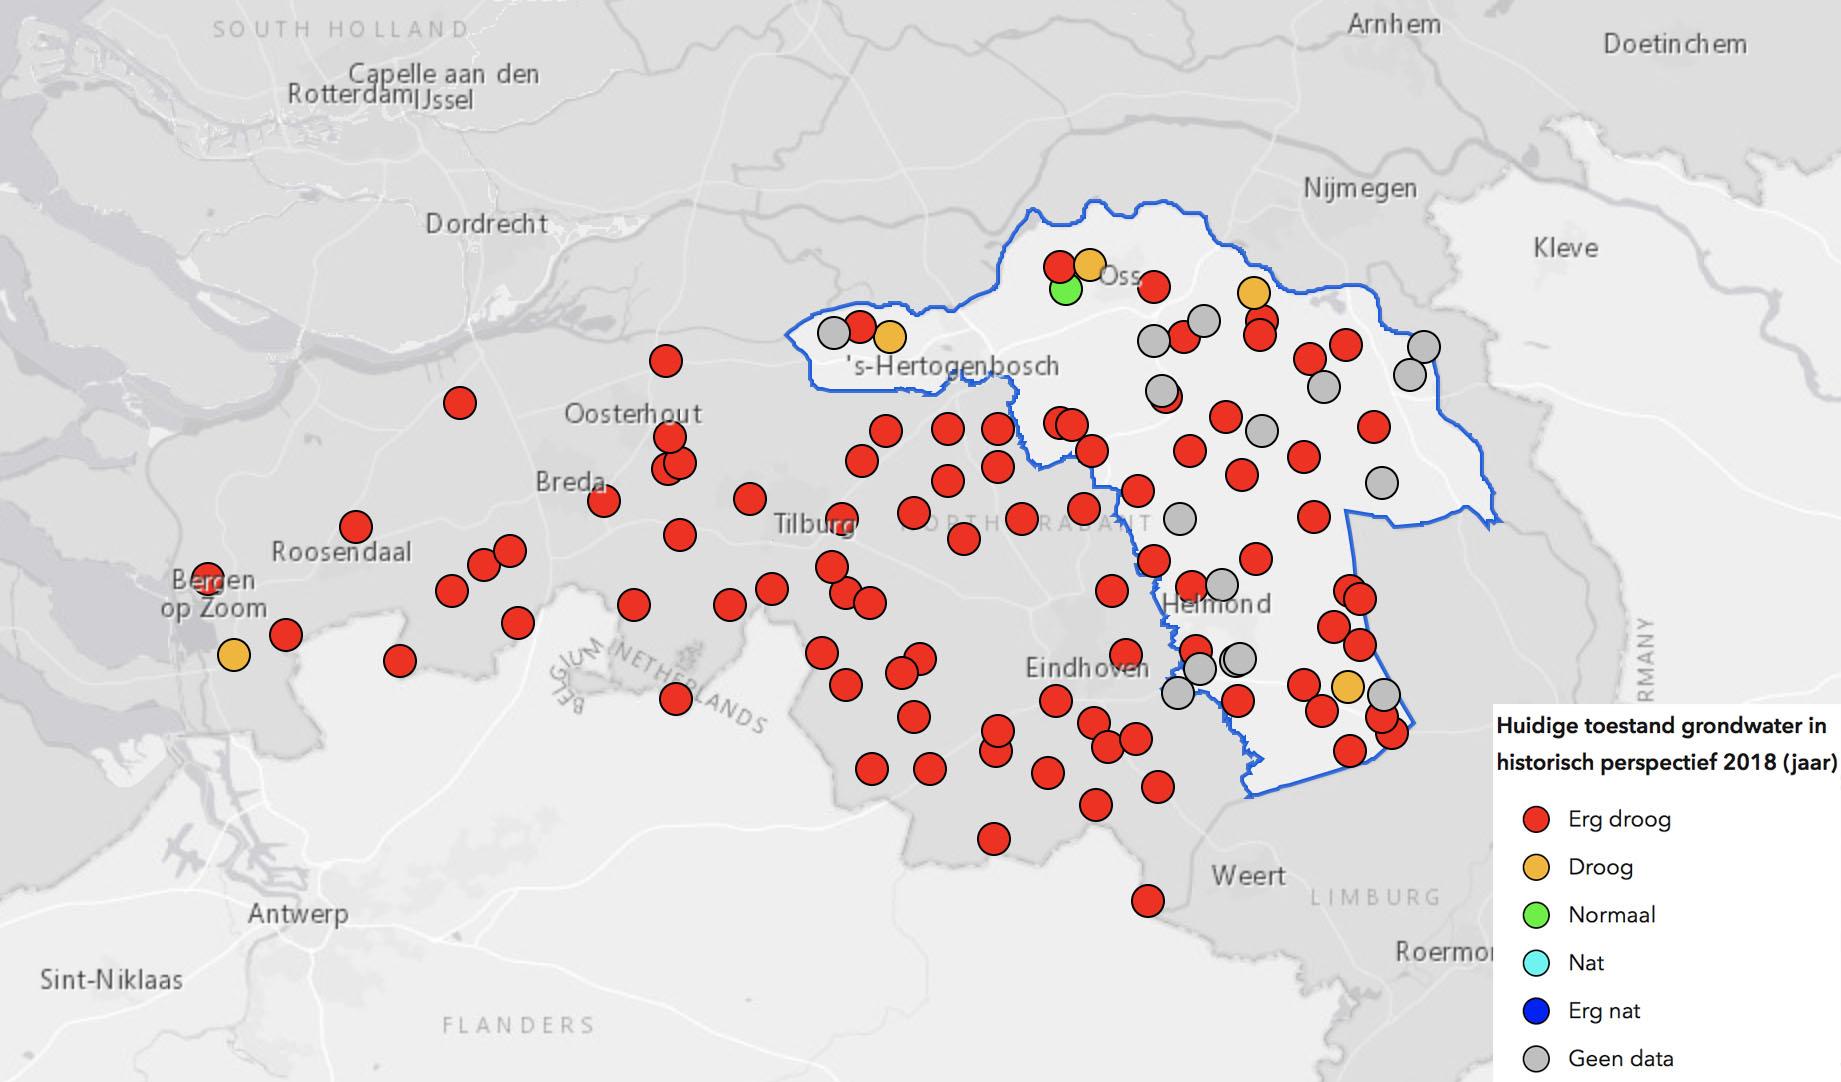 Huidige situatie grondwater Brabant (bron: waterschap Aa en Maas)